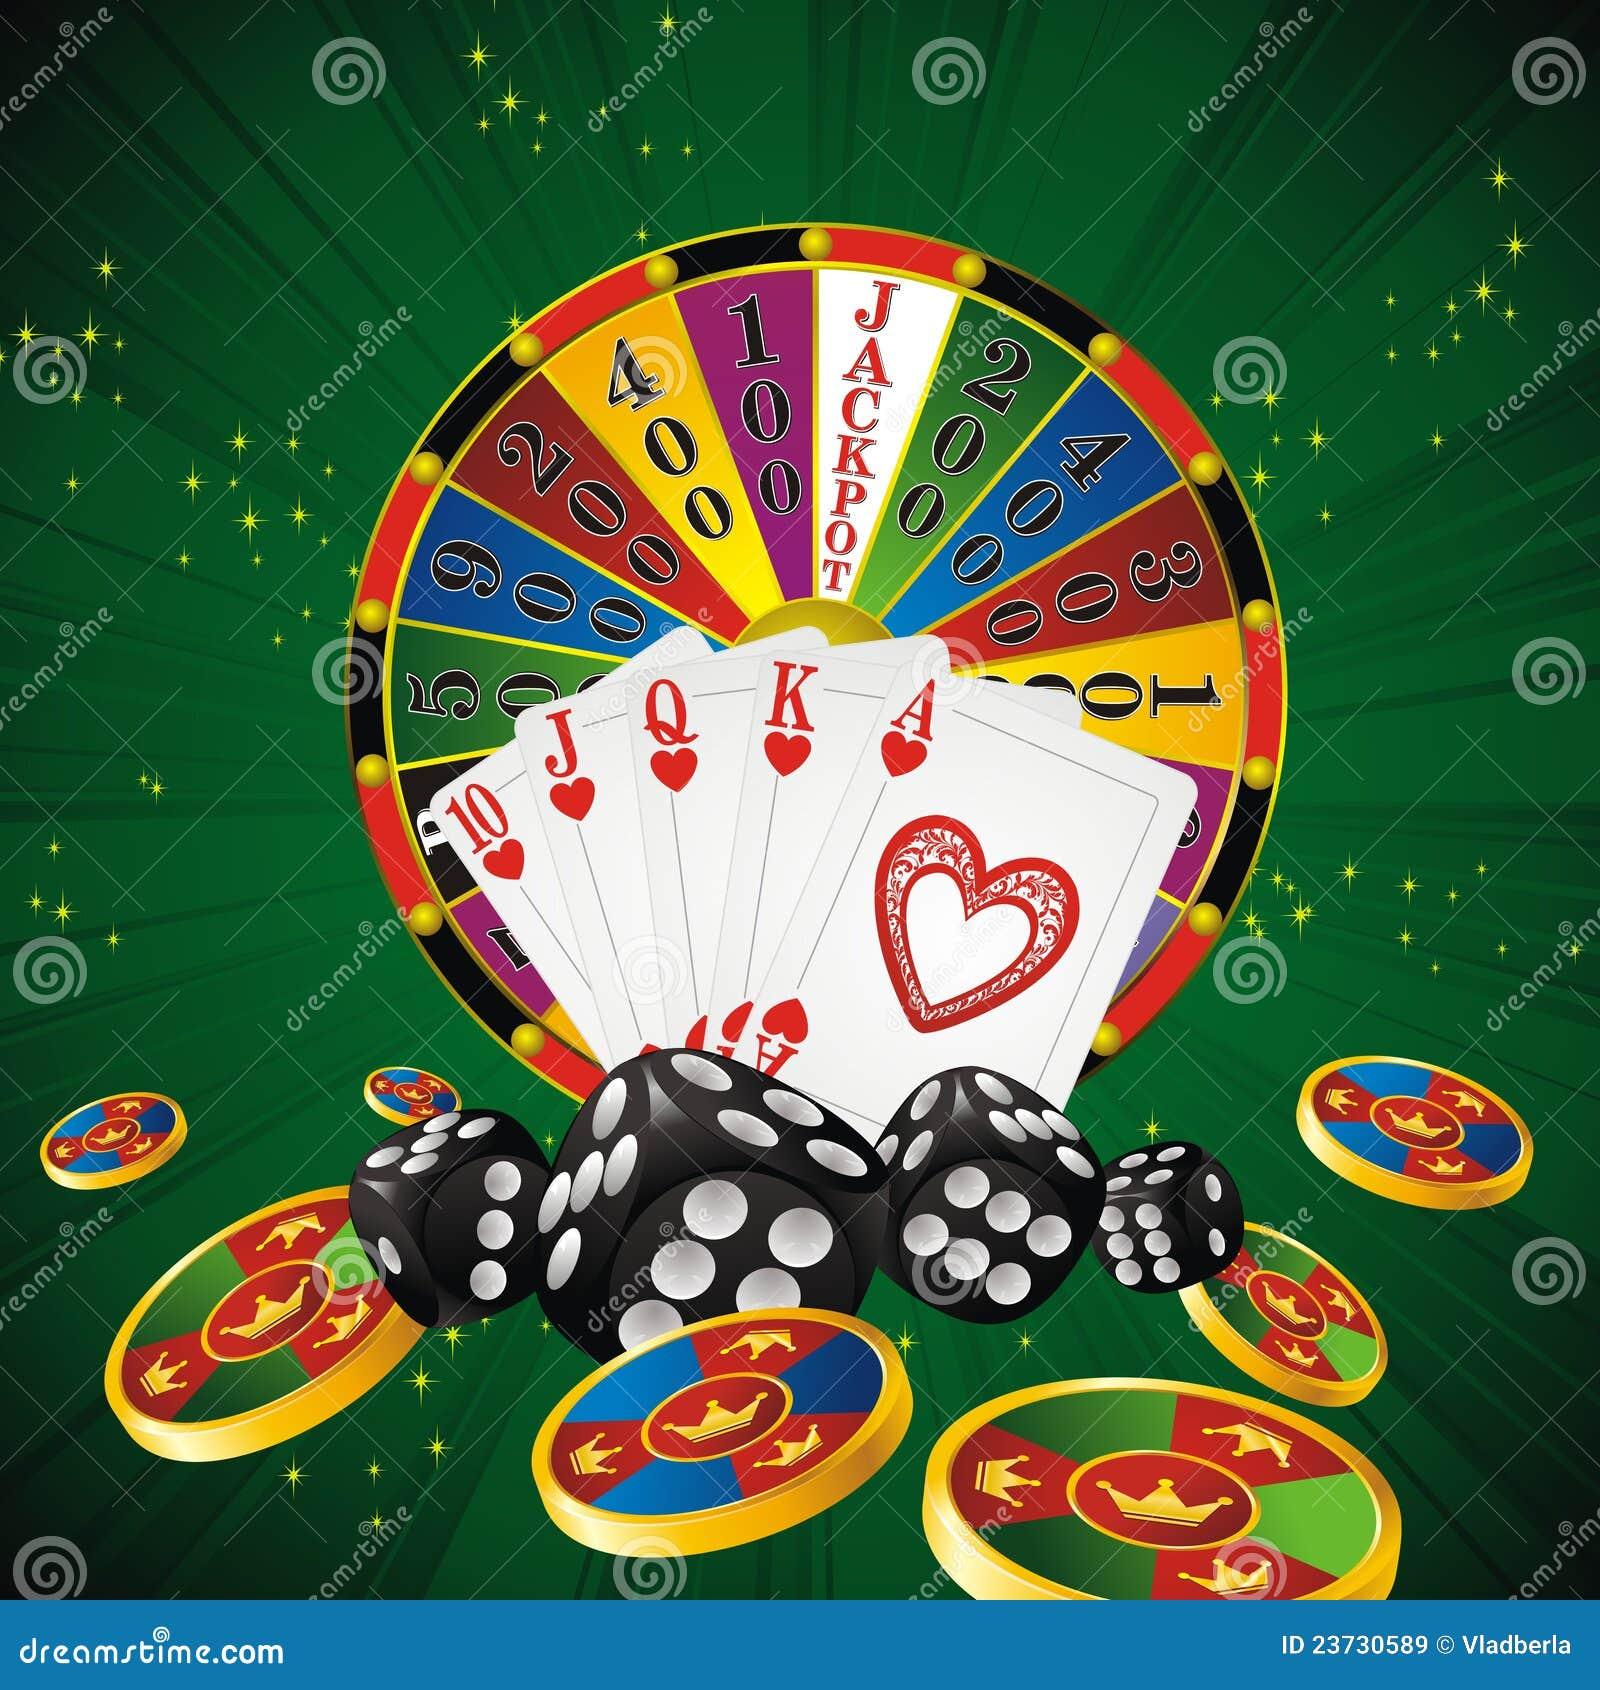 symbol casino